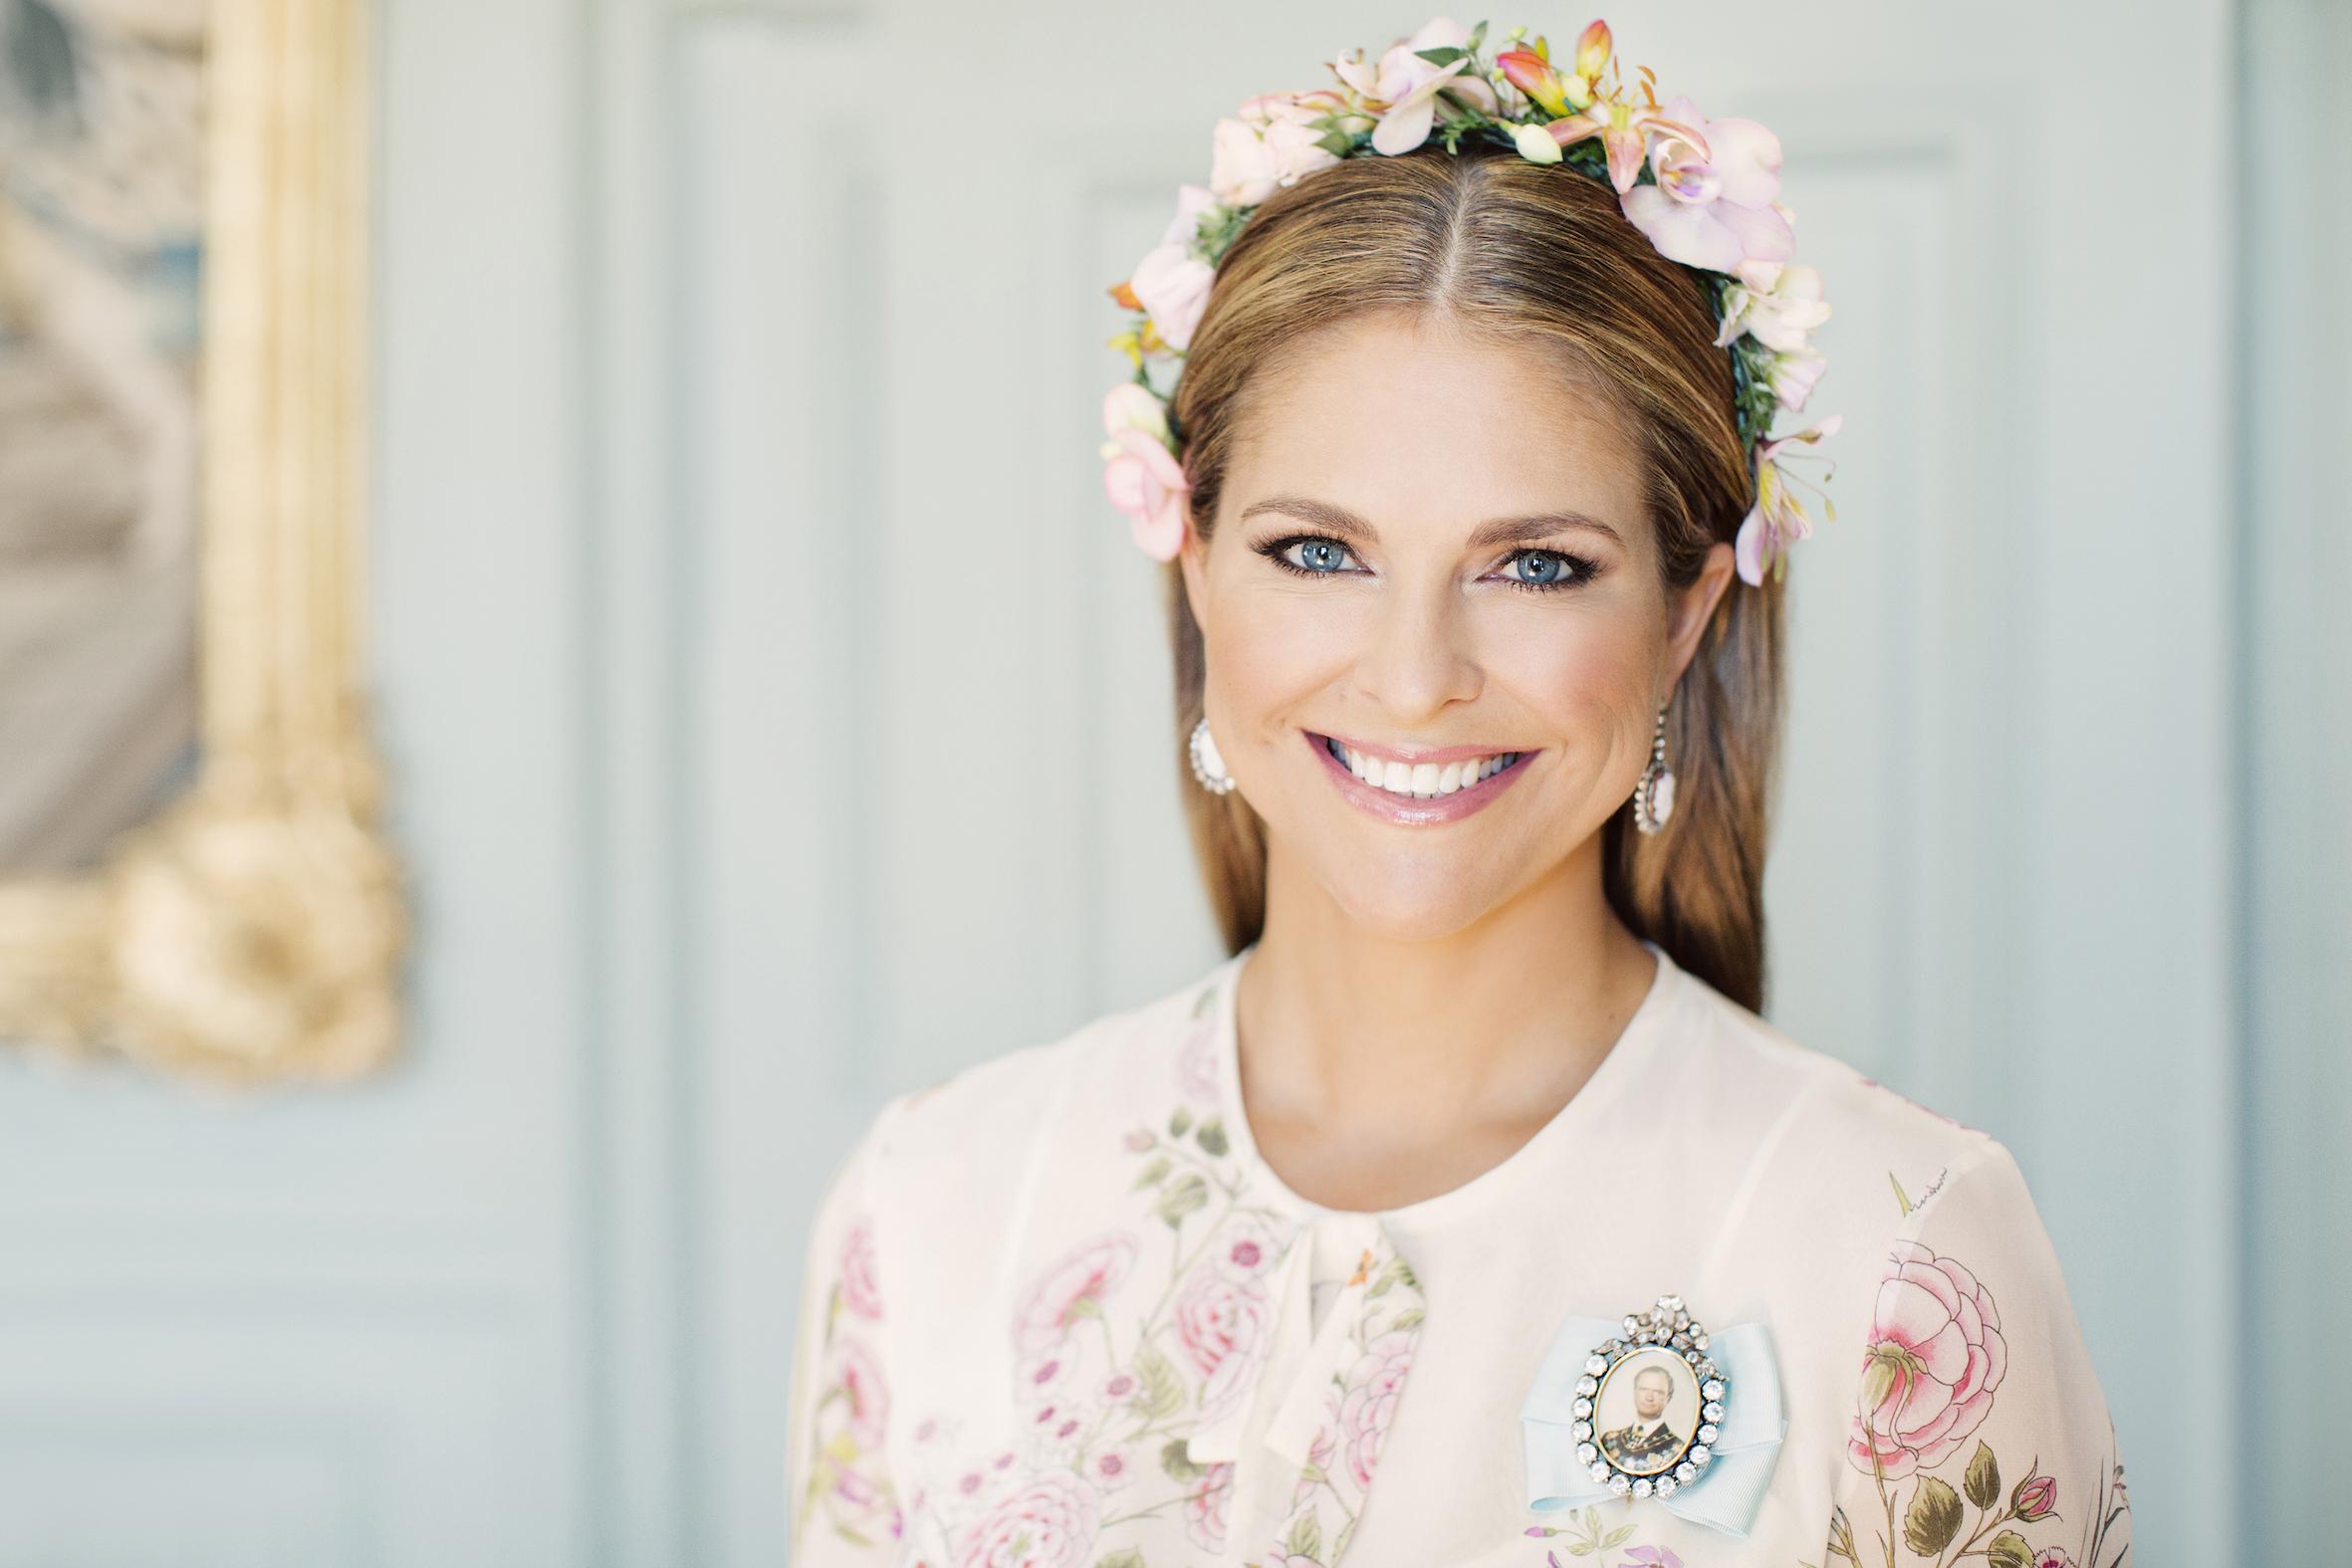 Prinzessin Madeleine lebt seit wenigen Wochen mit ihren drei Kindern und Ehemann Christopher O'Neill in den USA.  ©Erika Gerdemark, Kungahuset.se